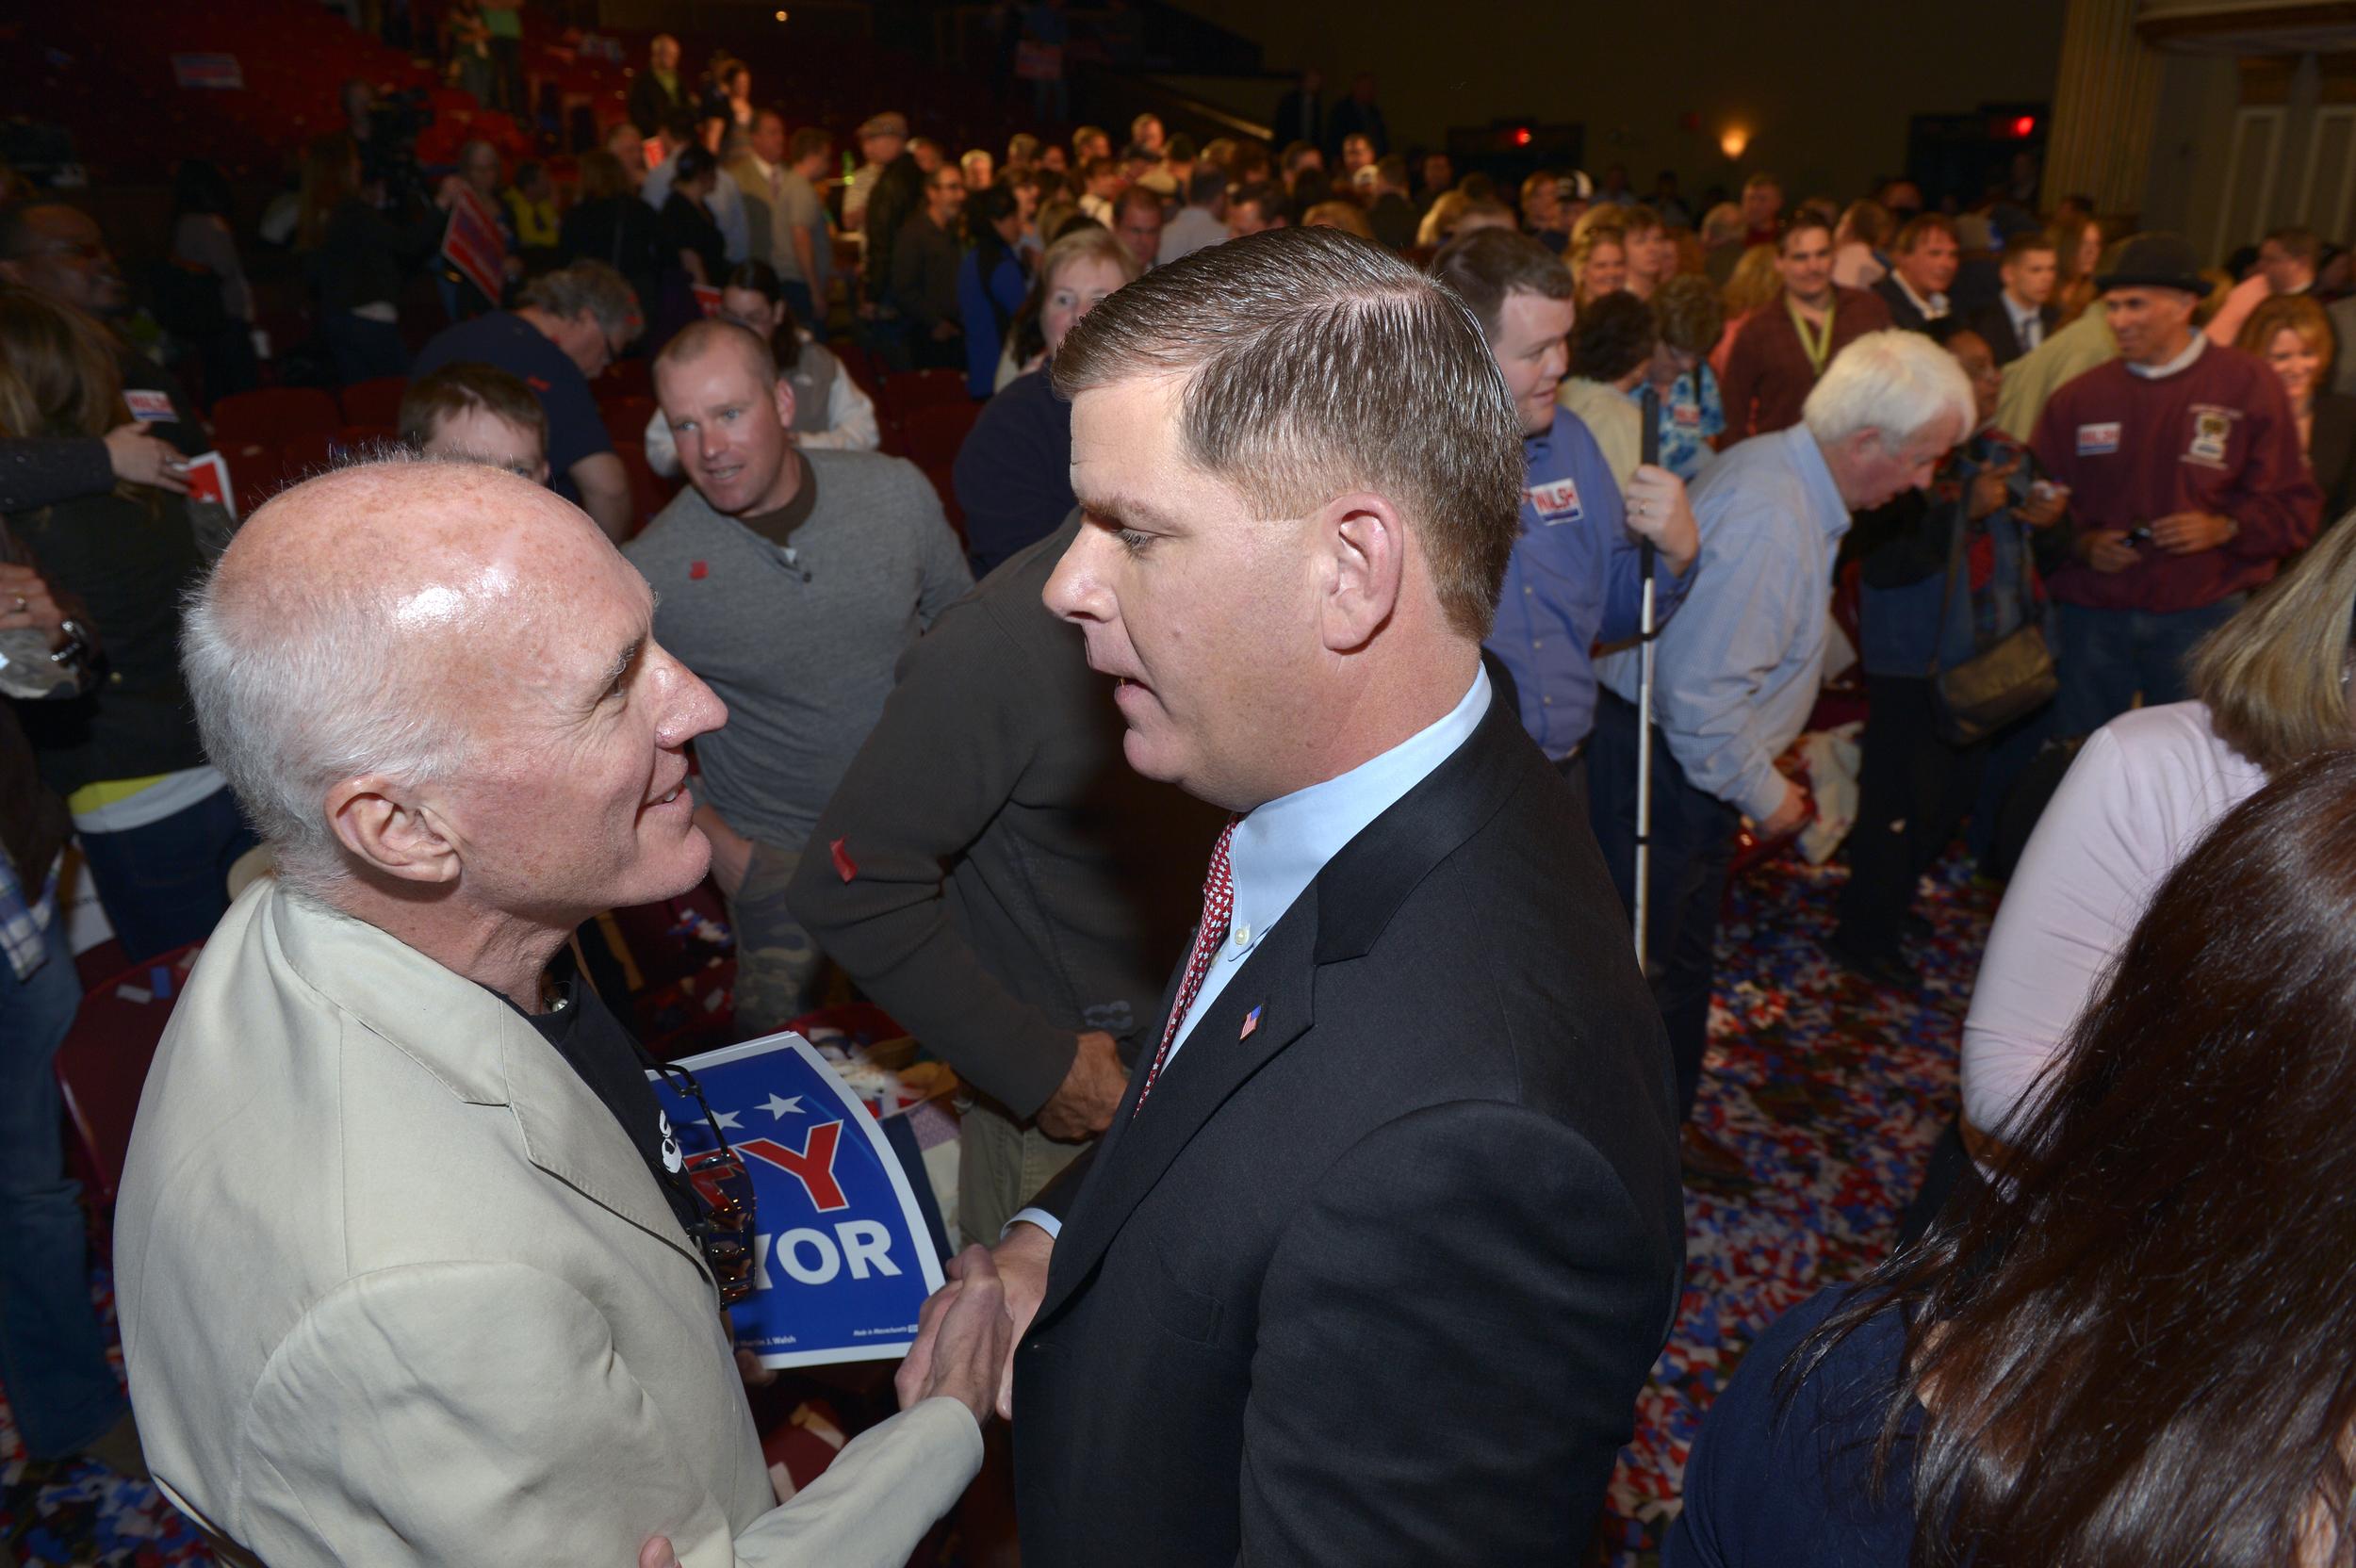 Boston Mayor Elect Marty Walsh